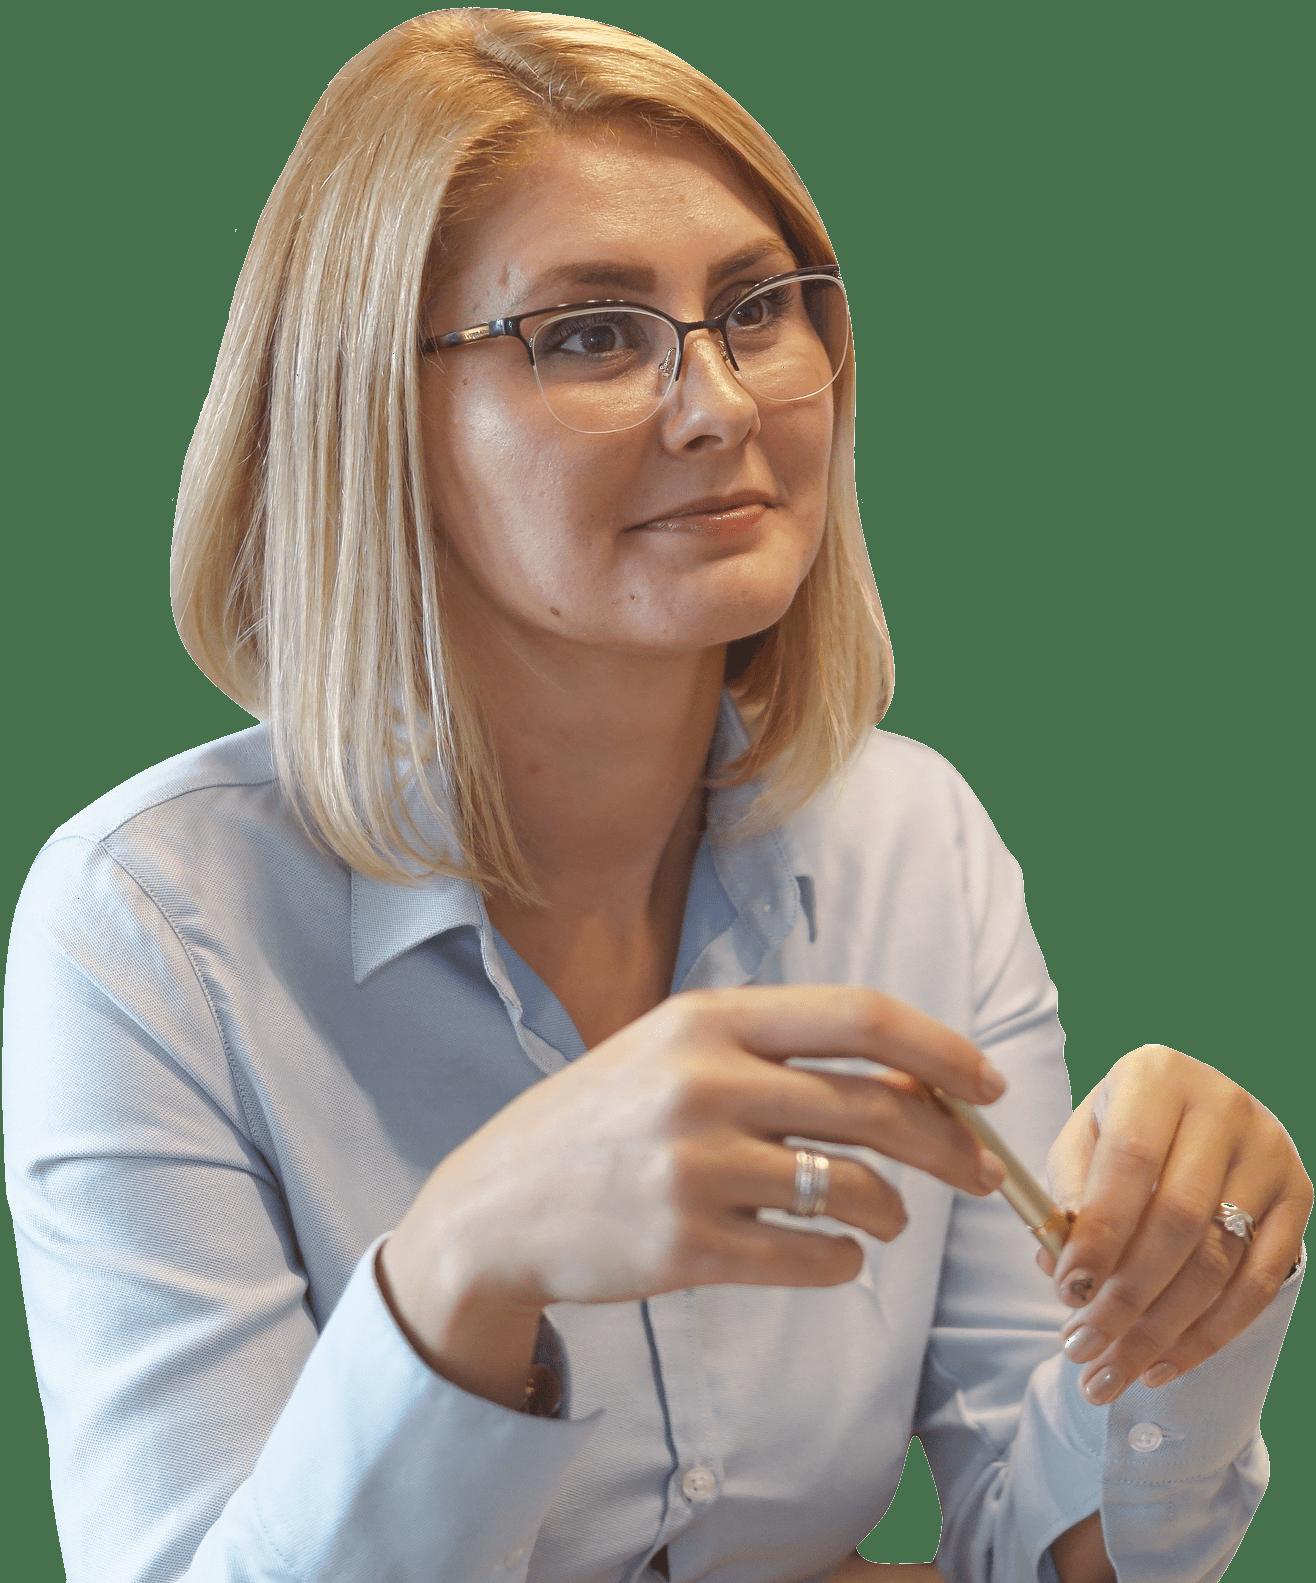 psiholog hipnoză ericksoniană